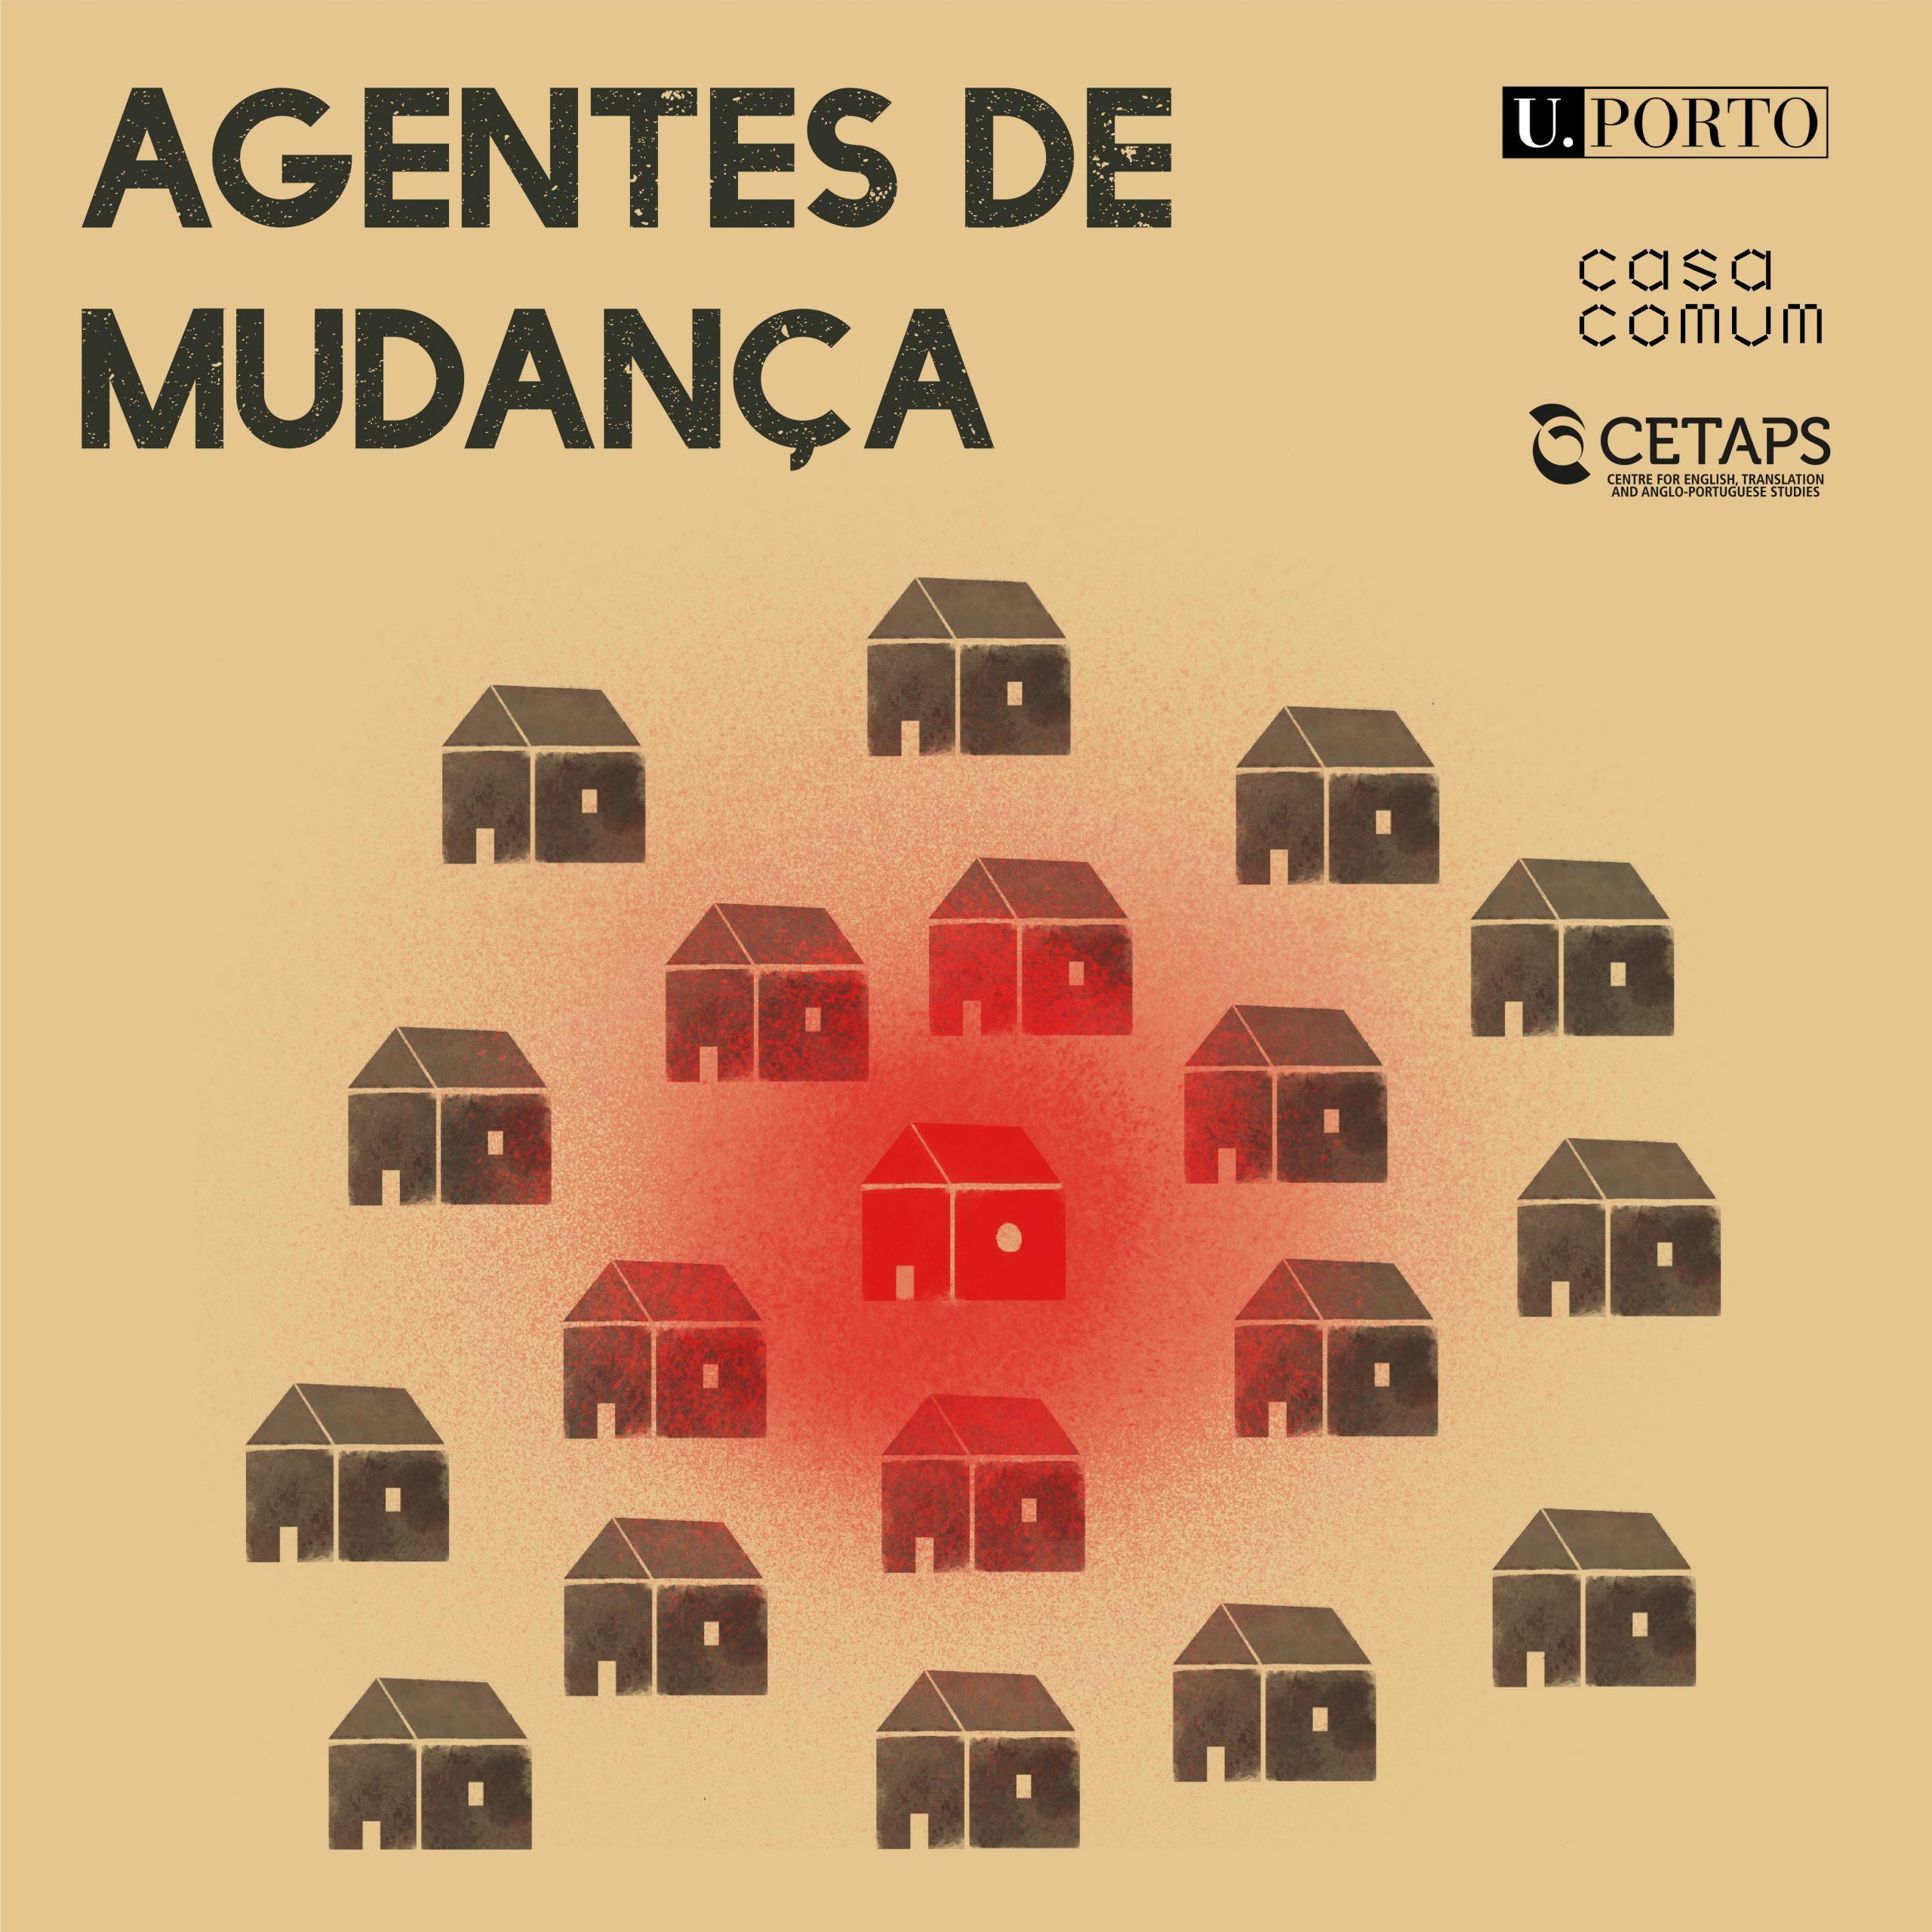 Agentes de Mudança Logo